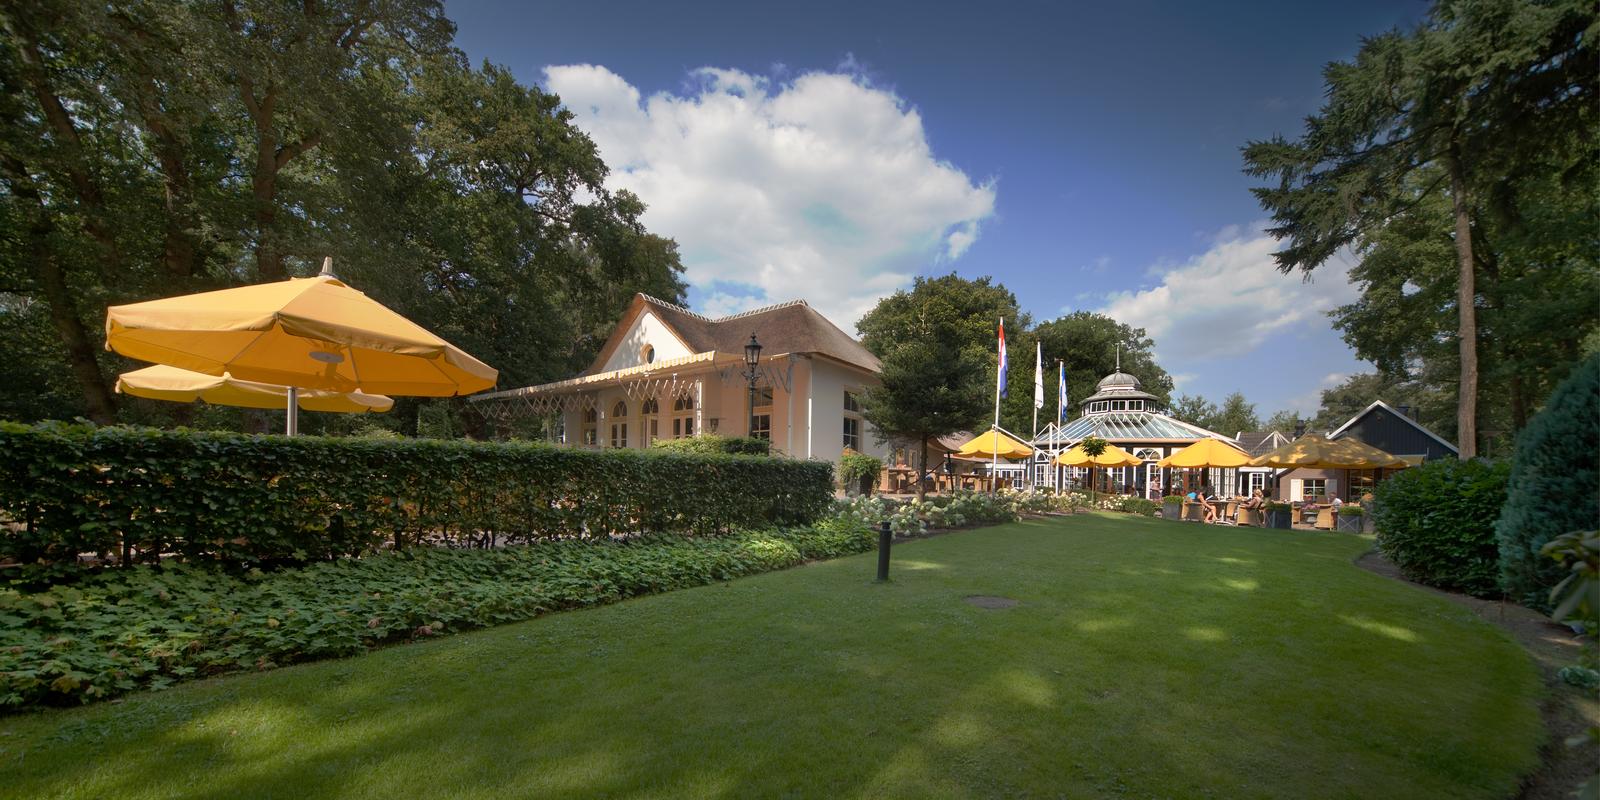 In Zwolle is een terrasje pakken het meest goedkoop